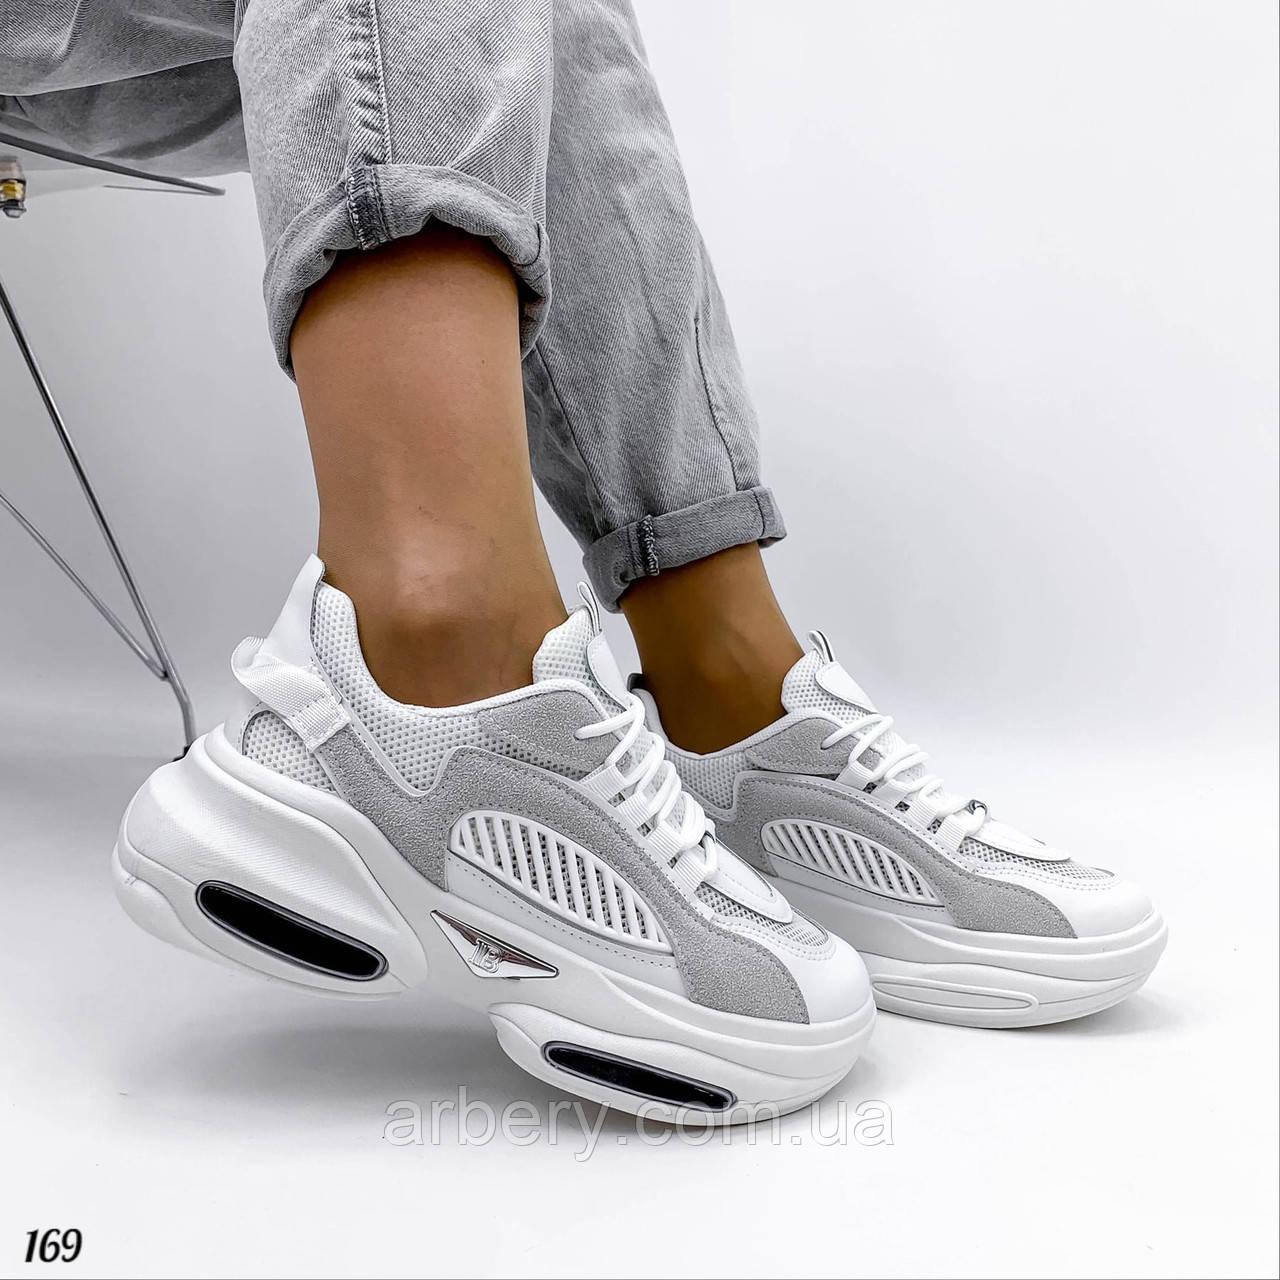 Жіночі комбіновані кросівки з сіткою